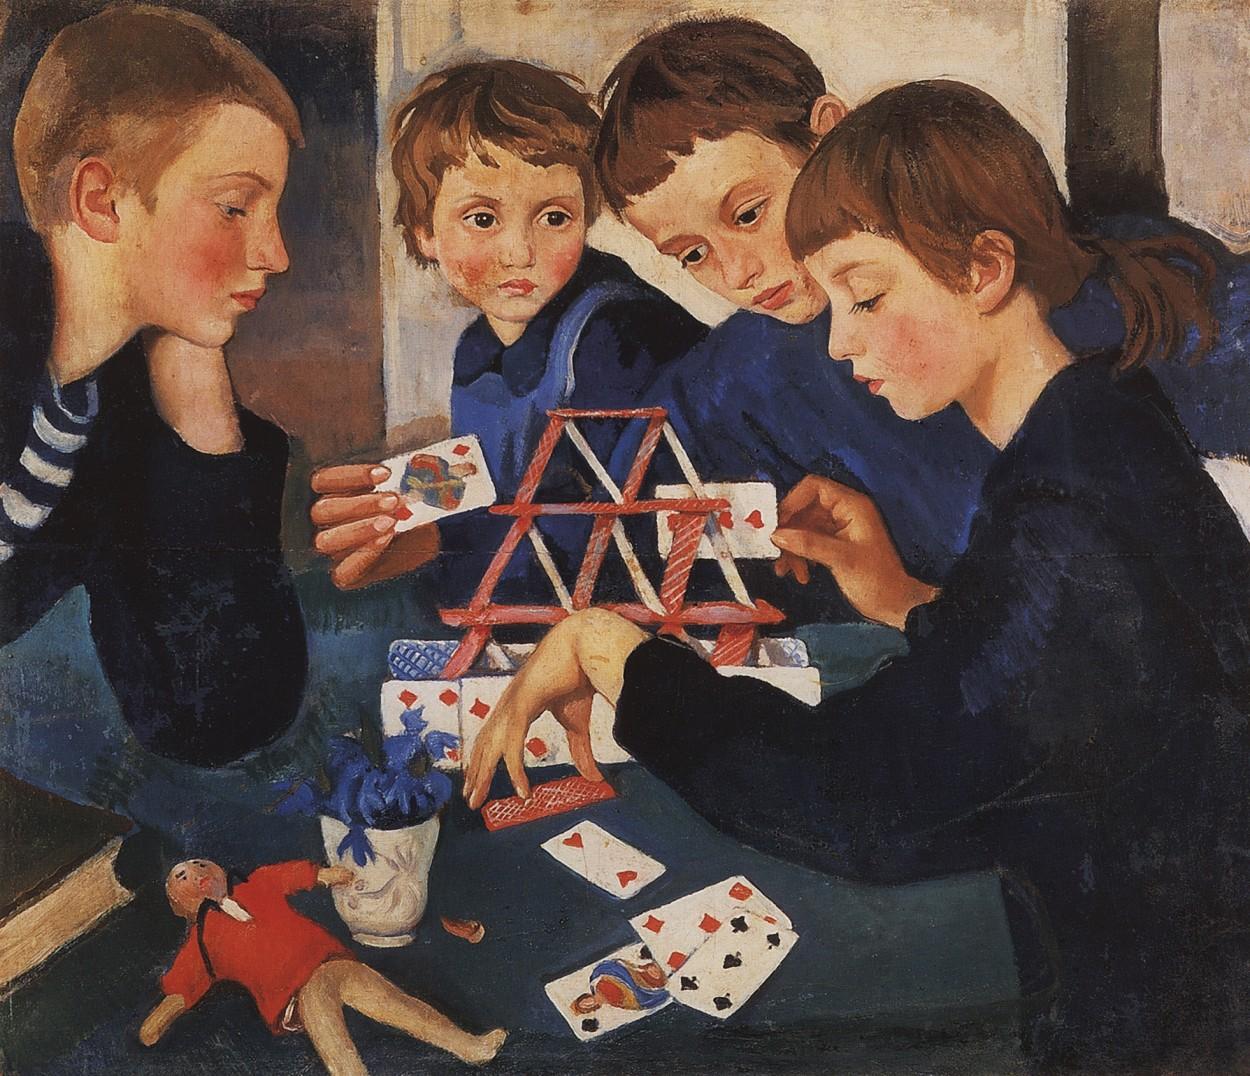 House of Cards by Zinaida Serebriakova via DailyArt app, your daily dose of art getdailyart.com